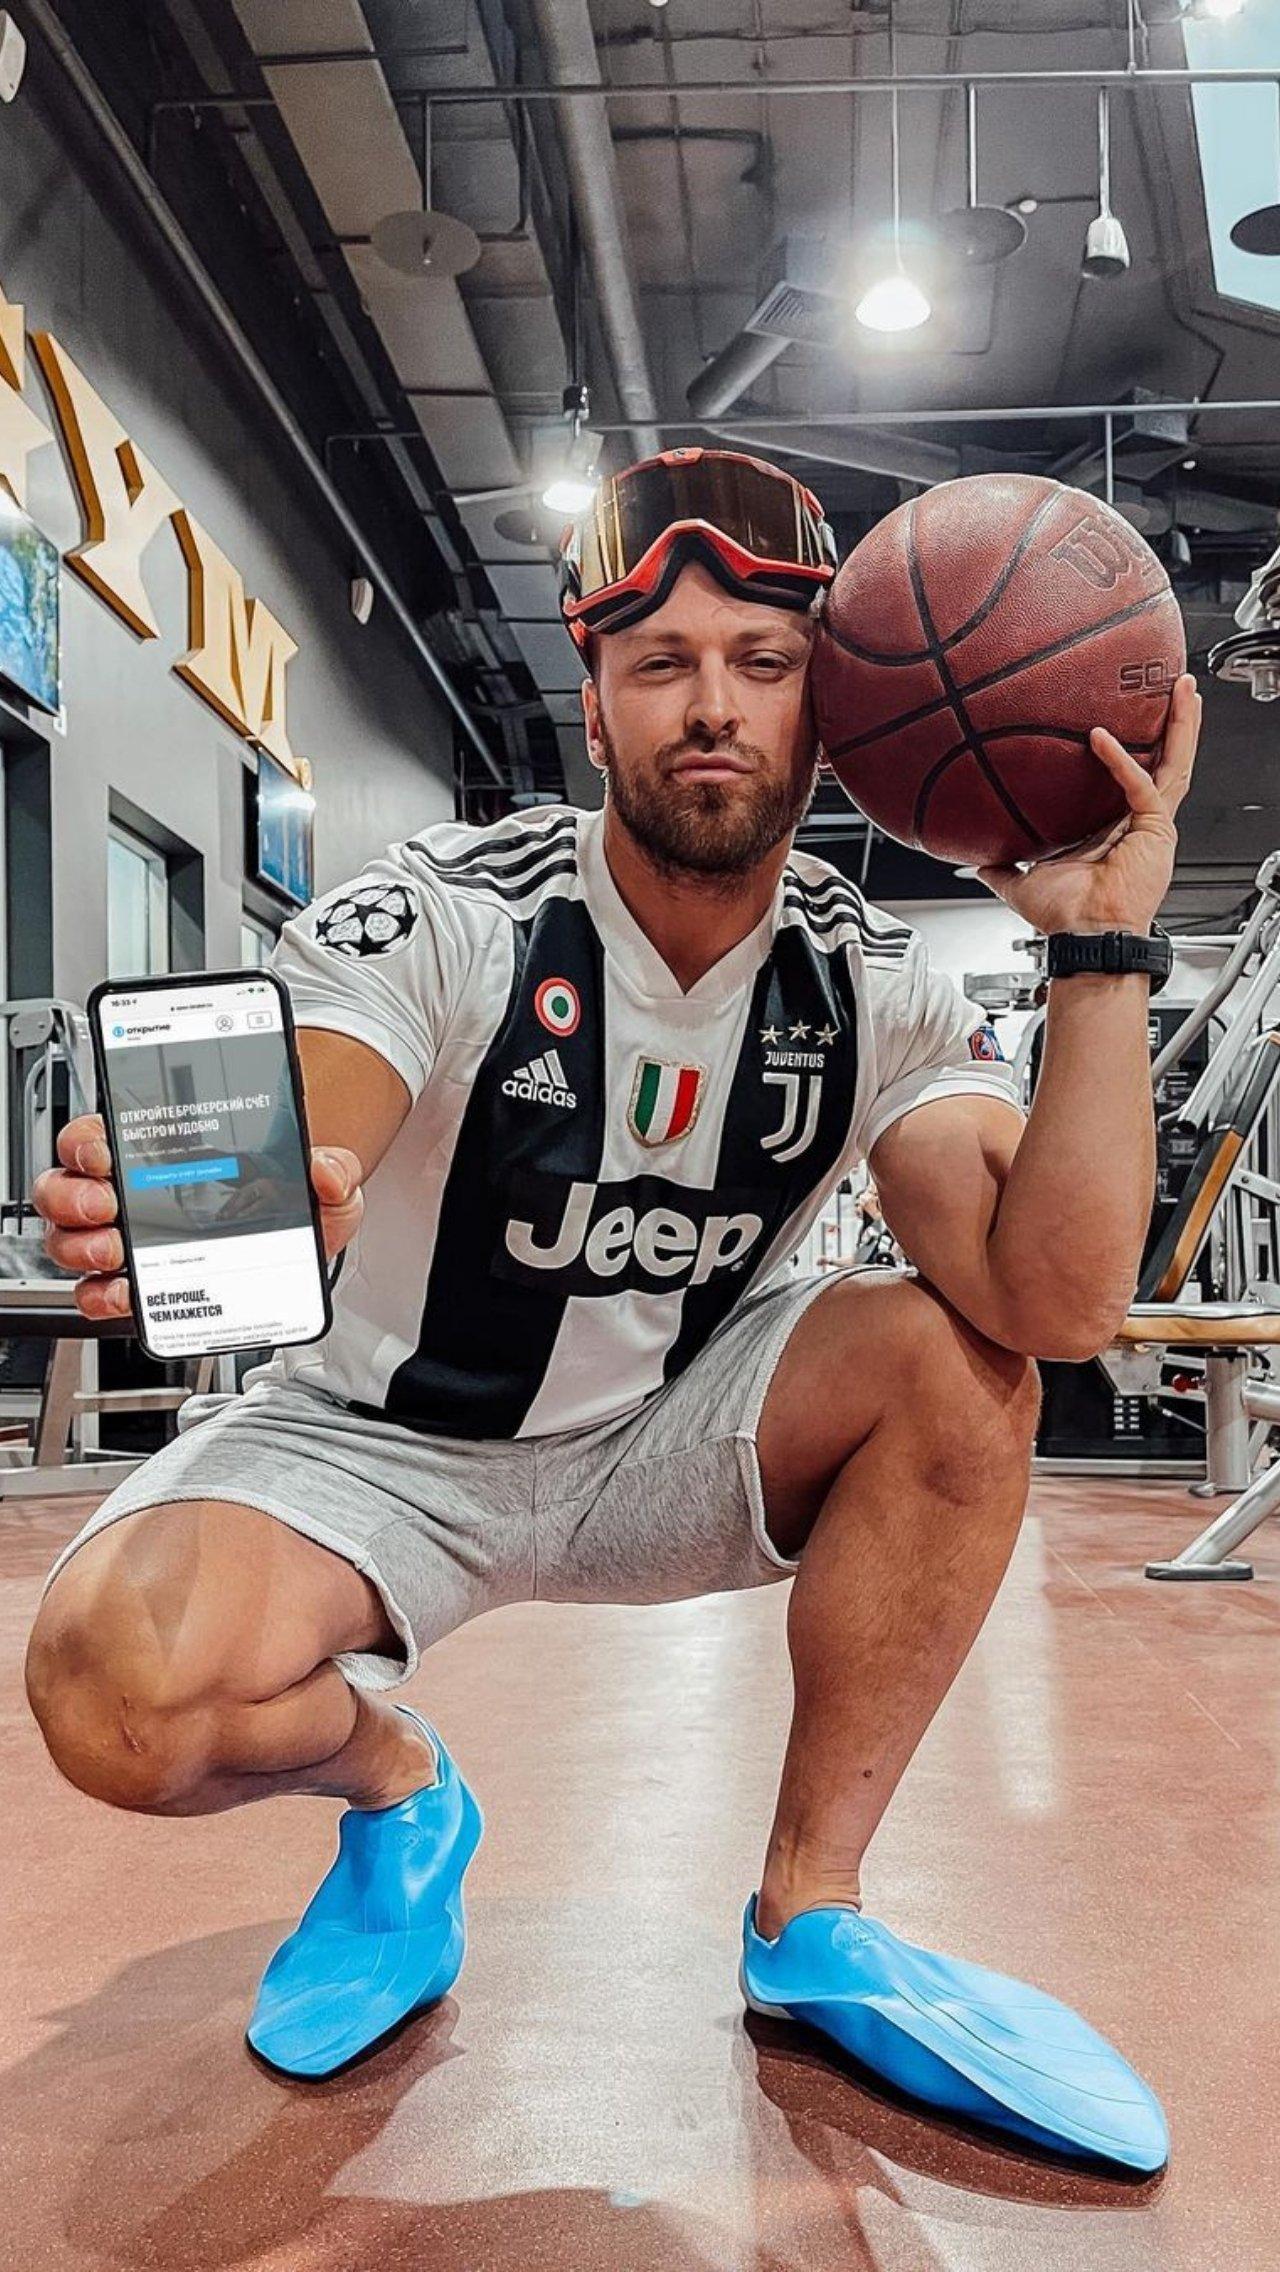 Интересные аккаунты про спорт, которые уже добились популярности в TikTok